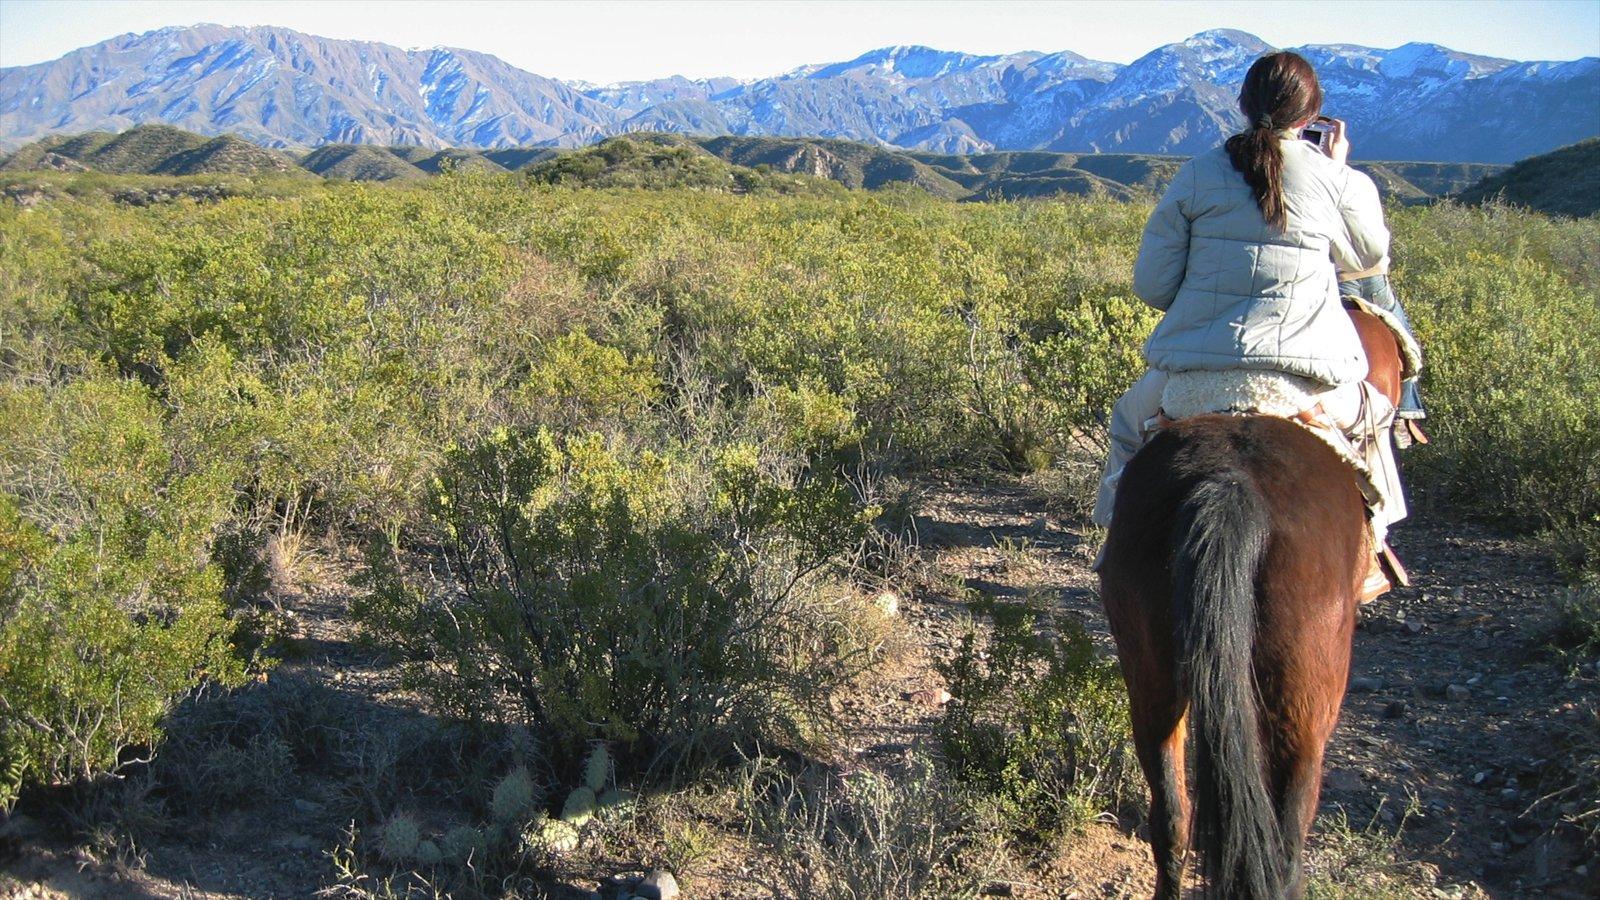 Região Vinícola de Mendoza que inclui cavalgada, montanhas e animais terrestres